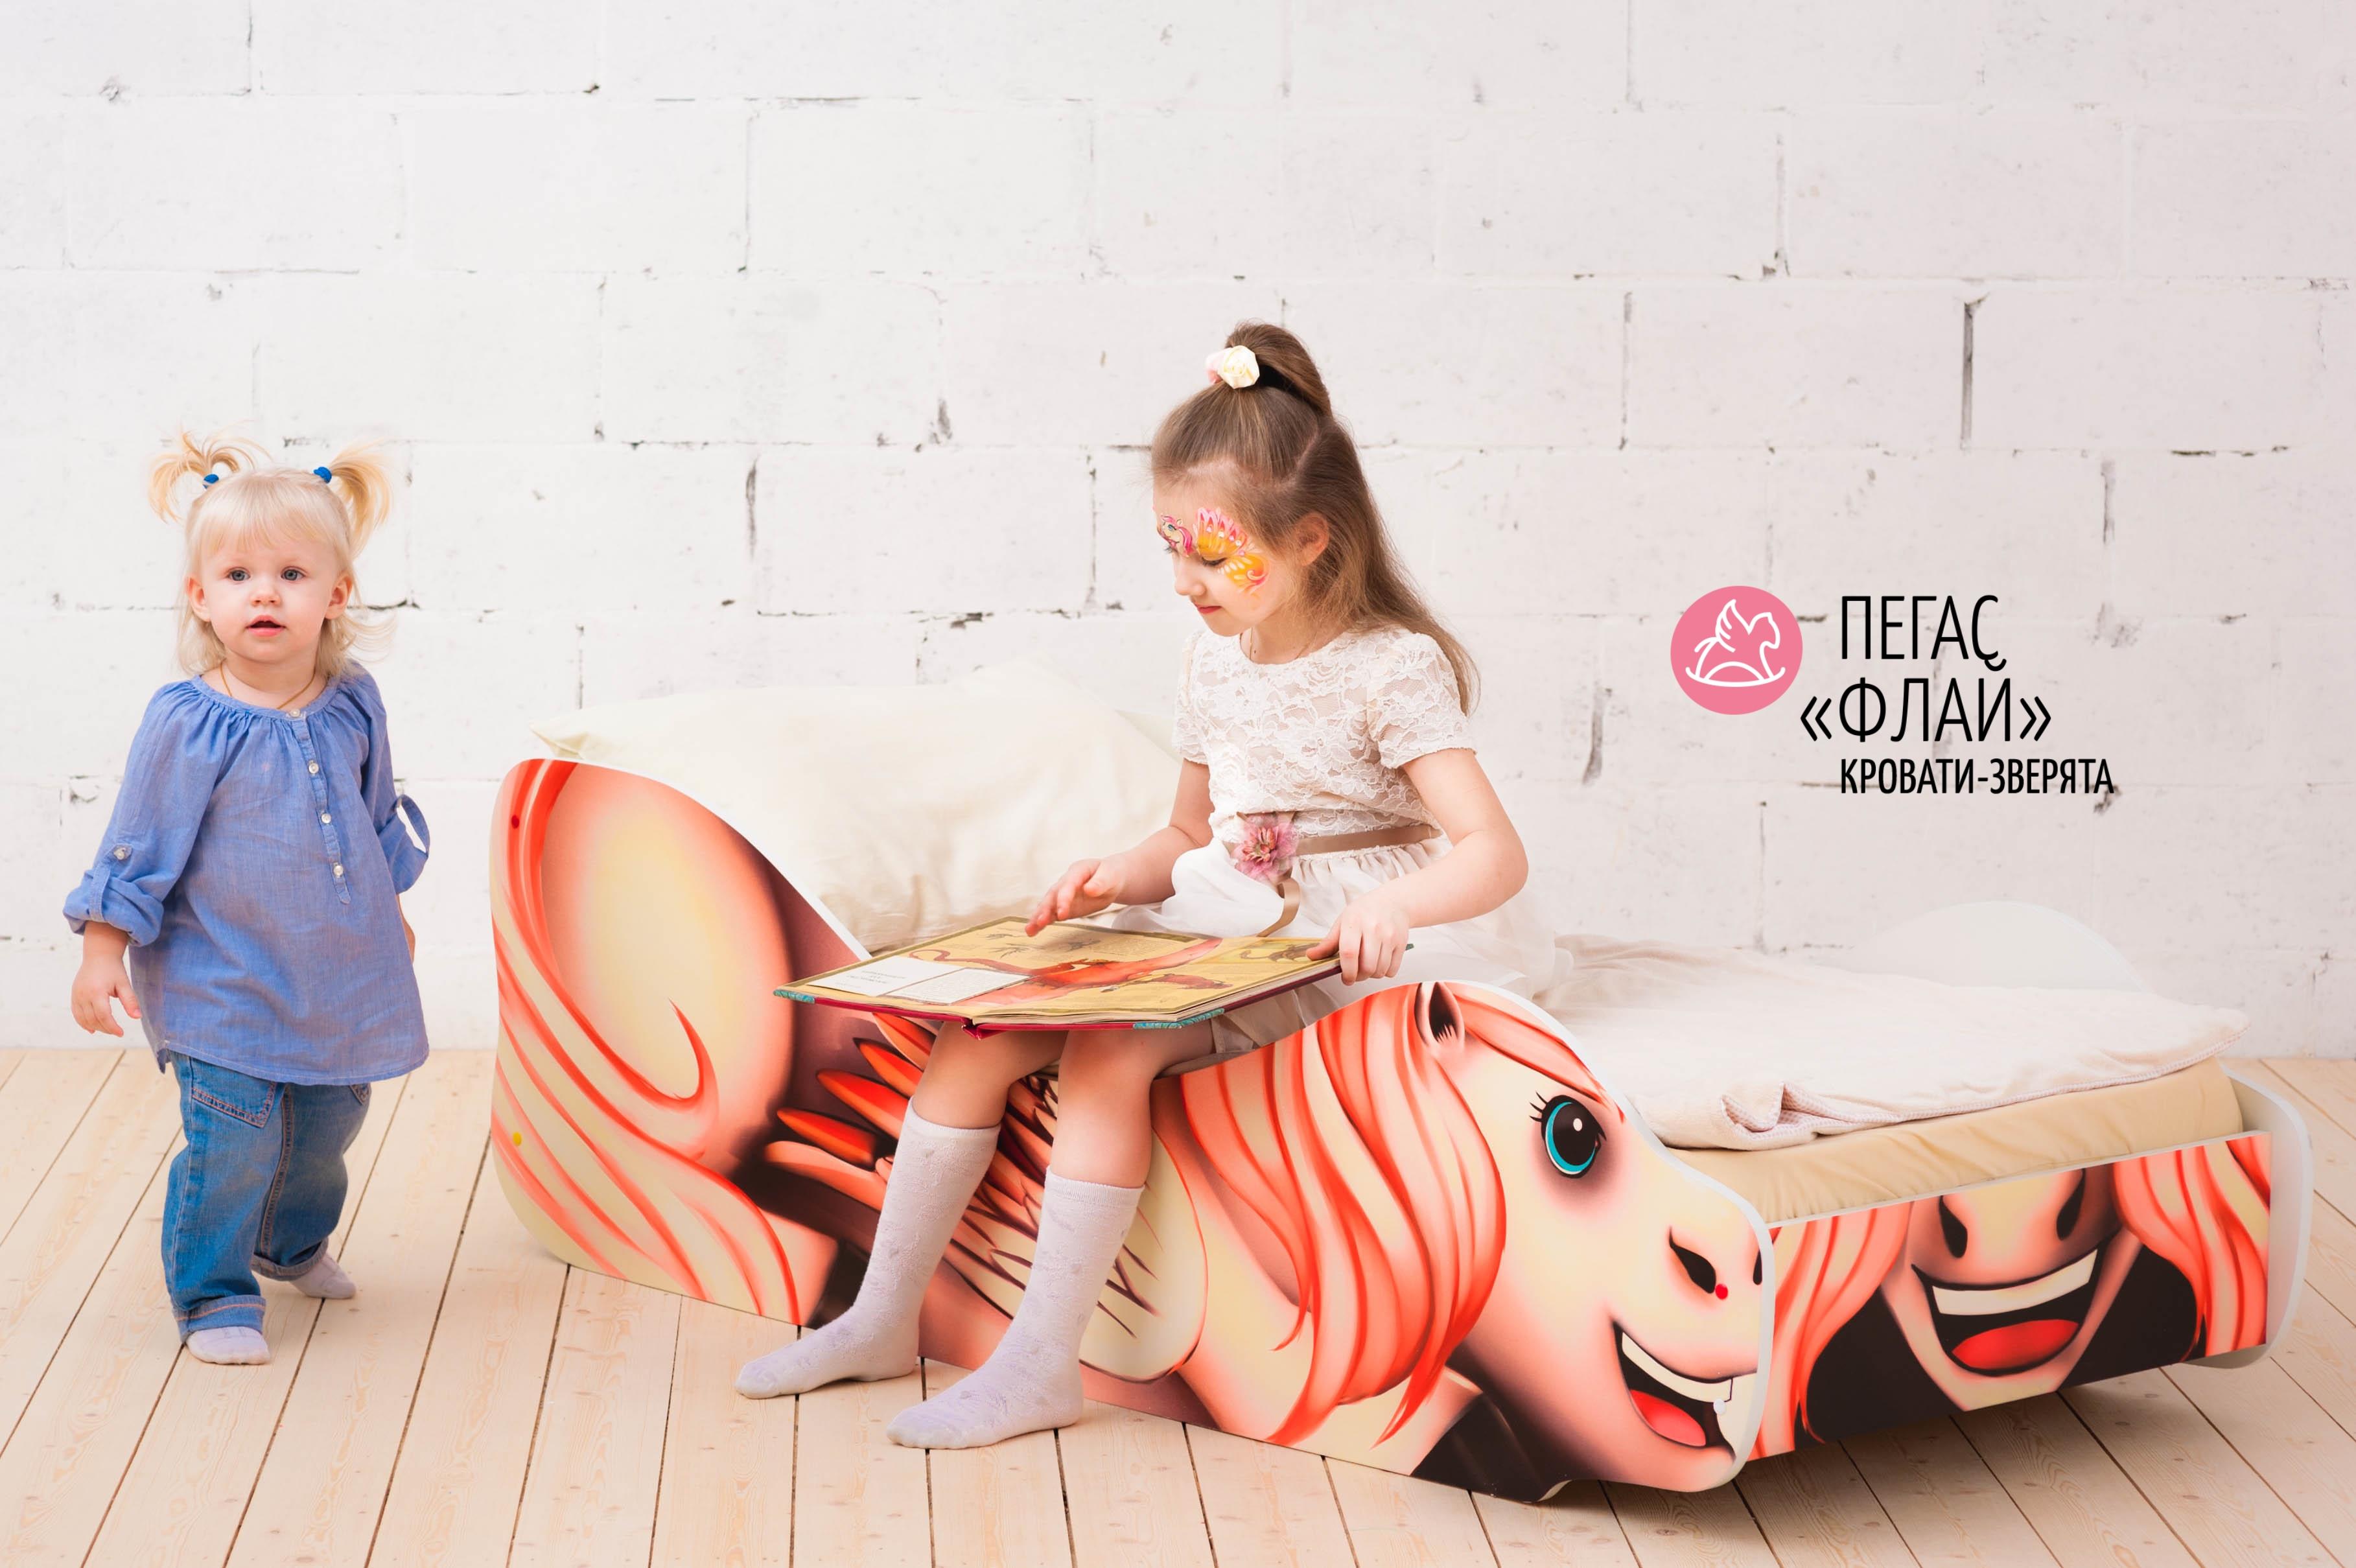 Детская кровать-зверенок -Пегас-Флай-11